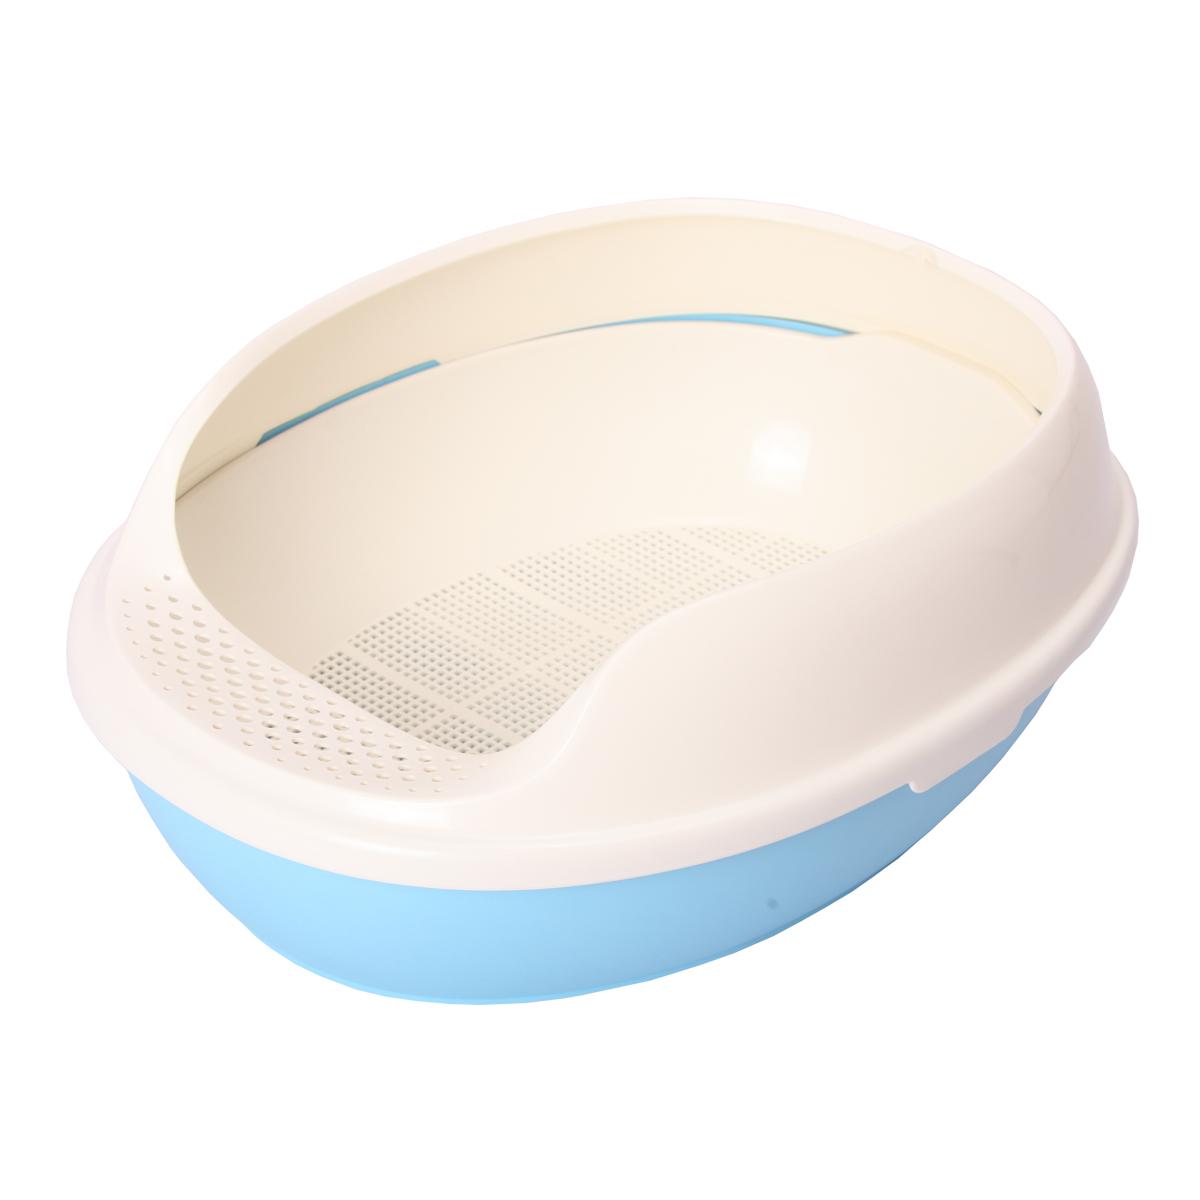 美卡貓砂盆膨潤土型 美卡貓廁所 膨潤土 半封閉式貓咪廁所